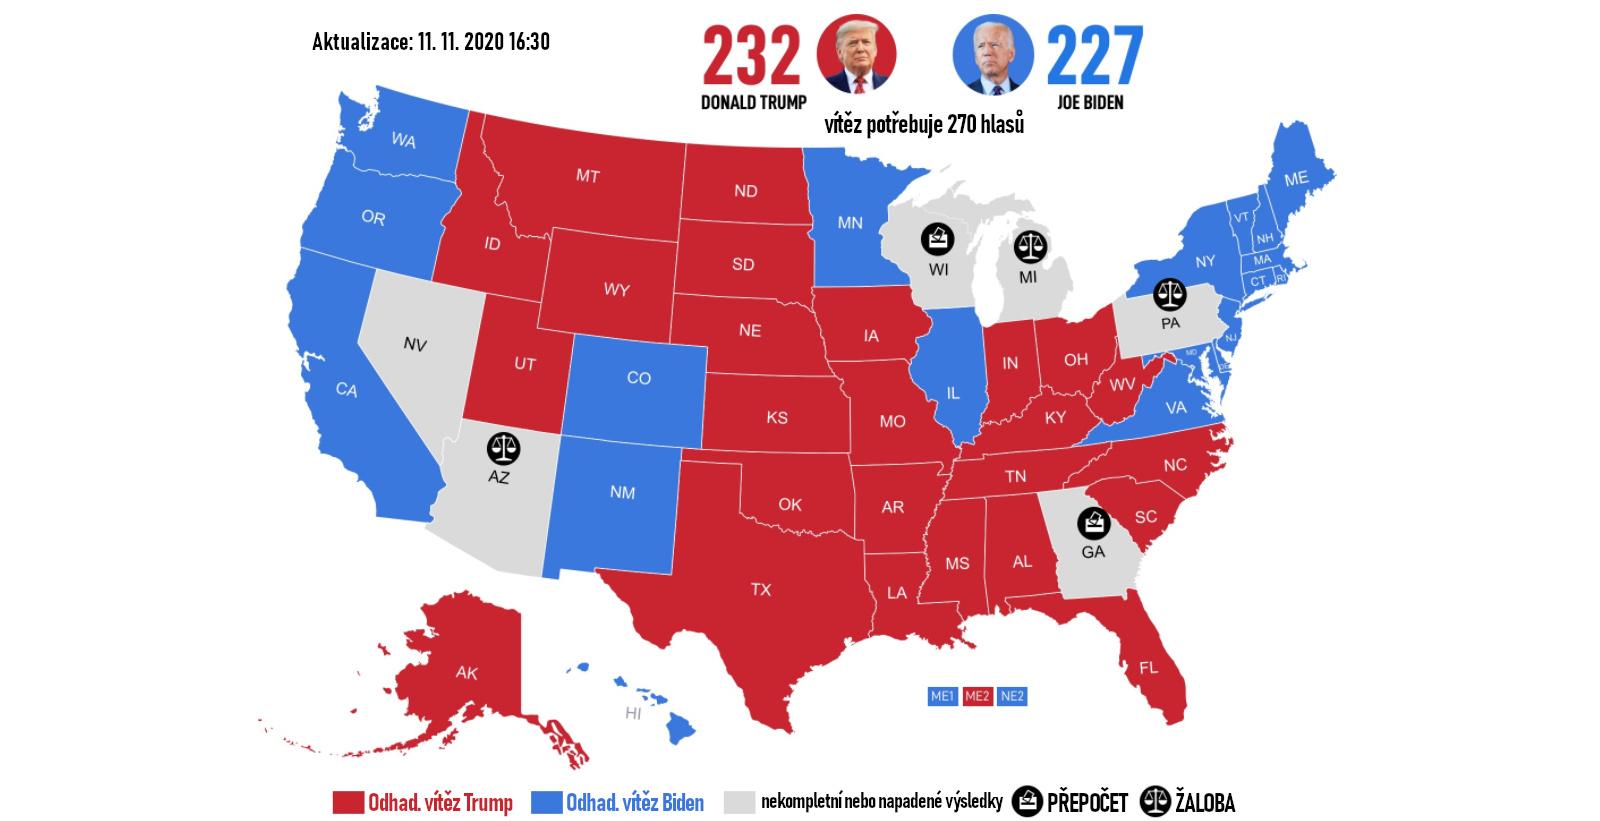 Předběžný výsledek, který nebere v úvahu státy s nedeklarovanými či právně napadenými výsledky. (aktuální k 12. listopadu 2020)